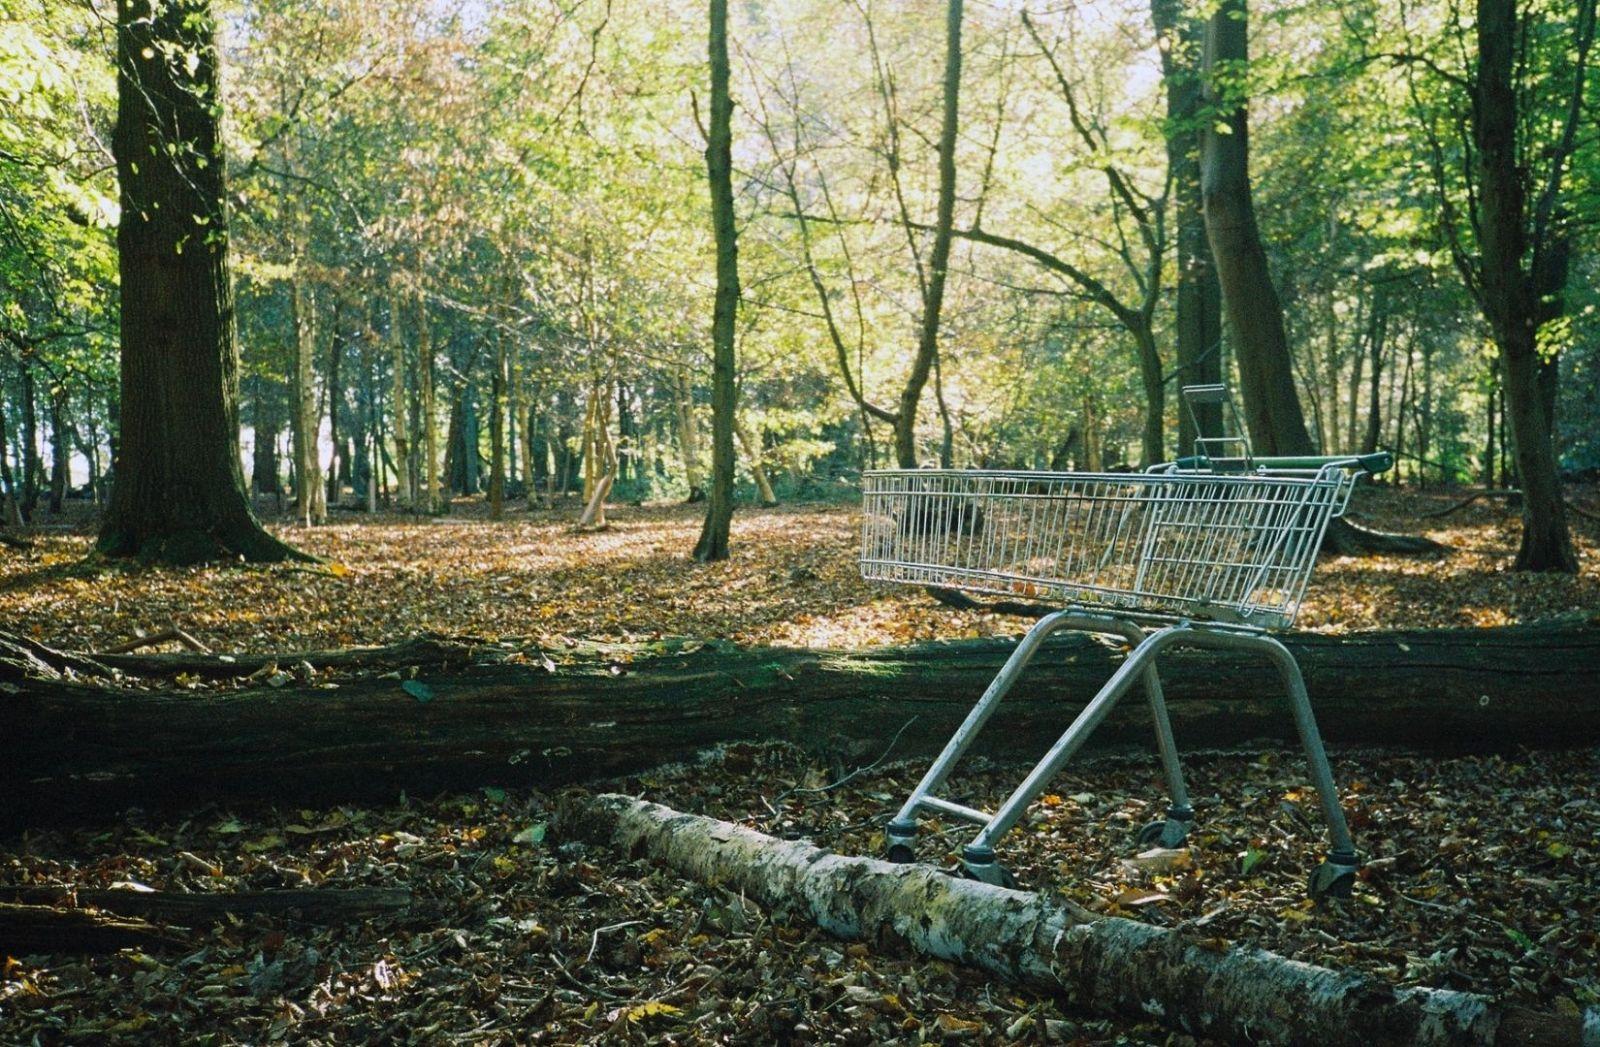 Ein Einkaufswagen mitten in einem friedlichen Wald. Lauert hinter dem Baum ein kleiner Nazi? (Foto: Nick Page, Unsplash.com)